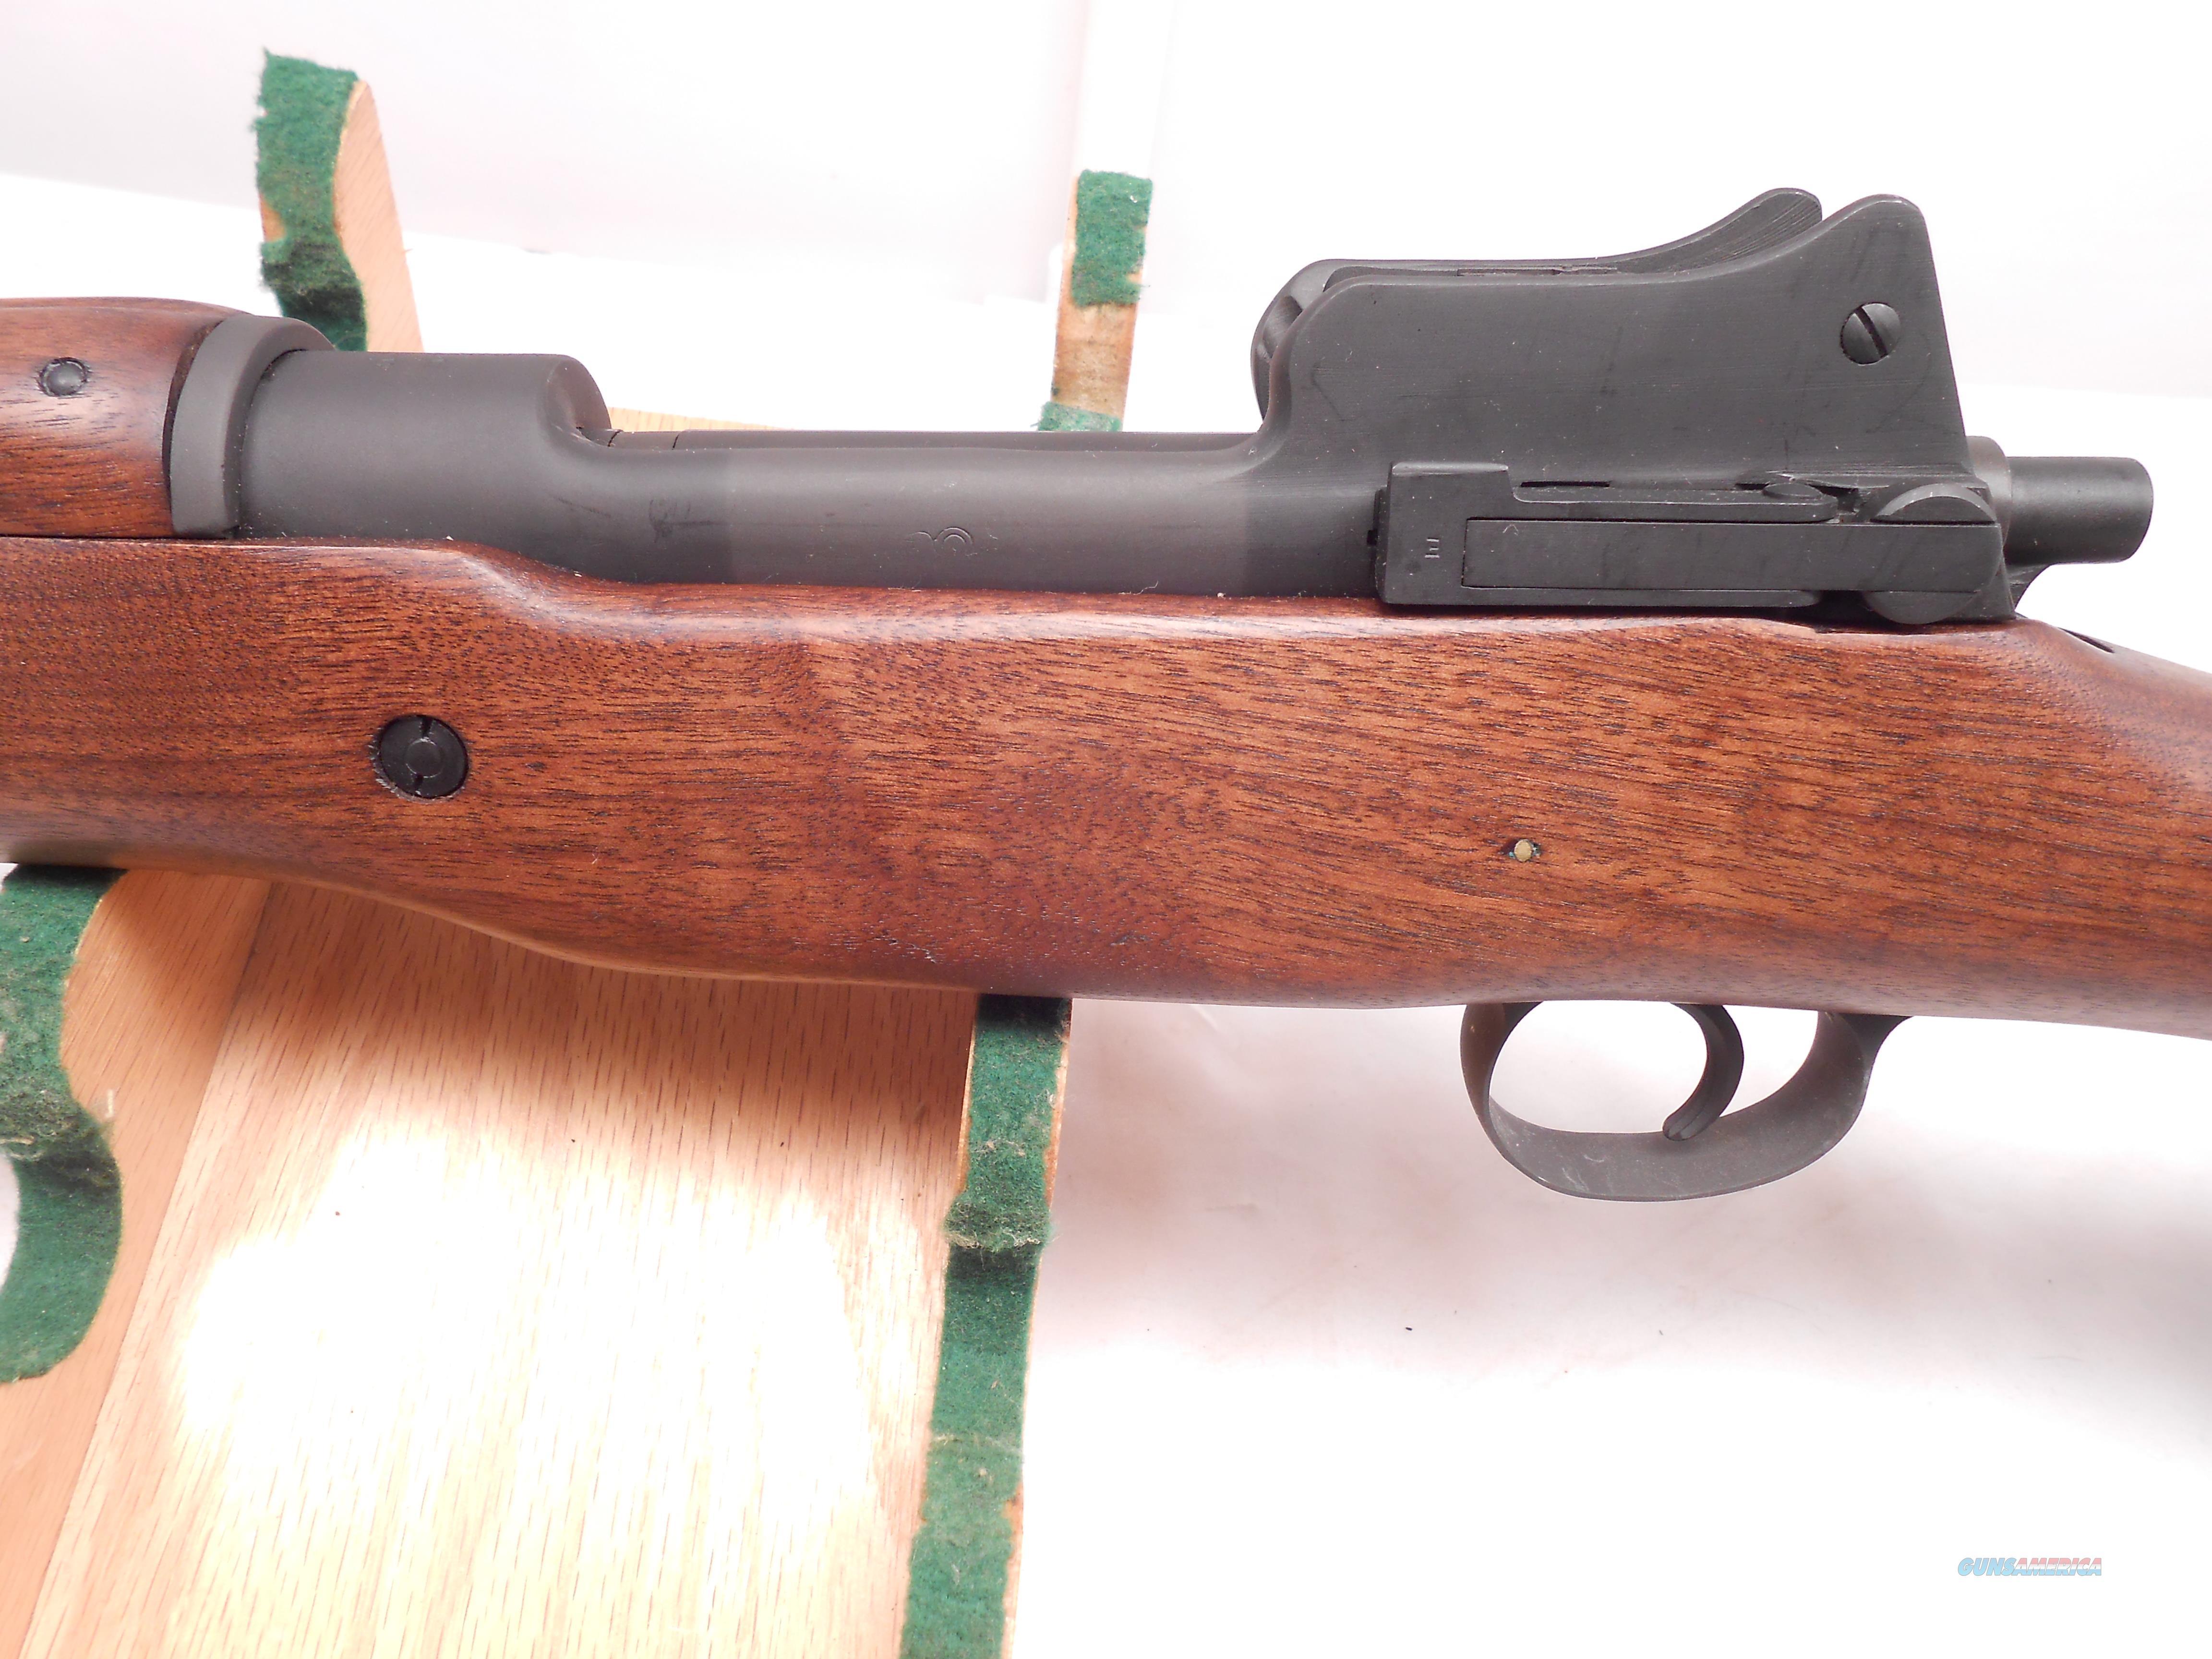 Otisville Gun Barn Item Details